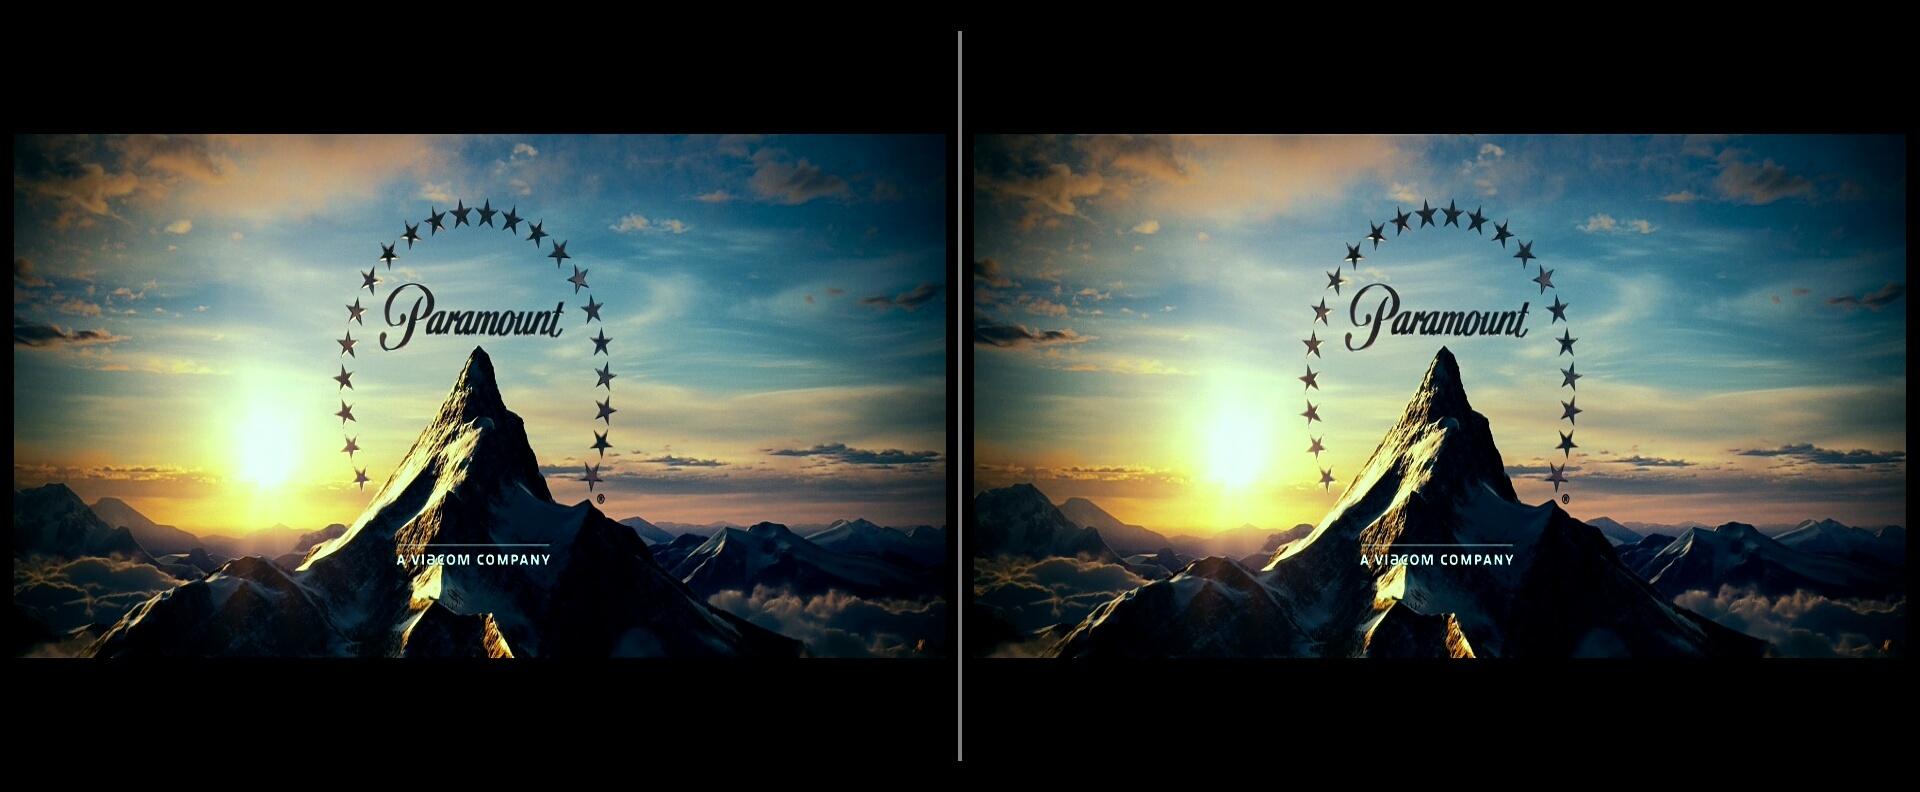 смотреть 3d картинки для очков